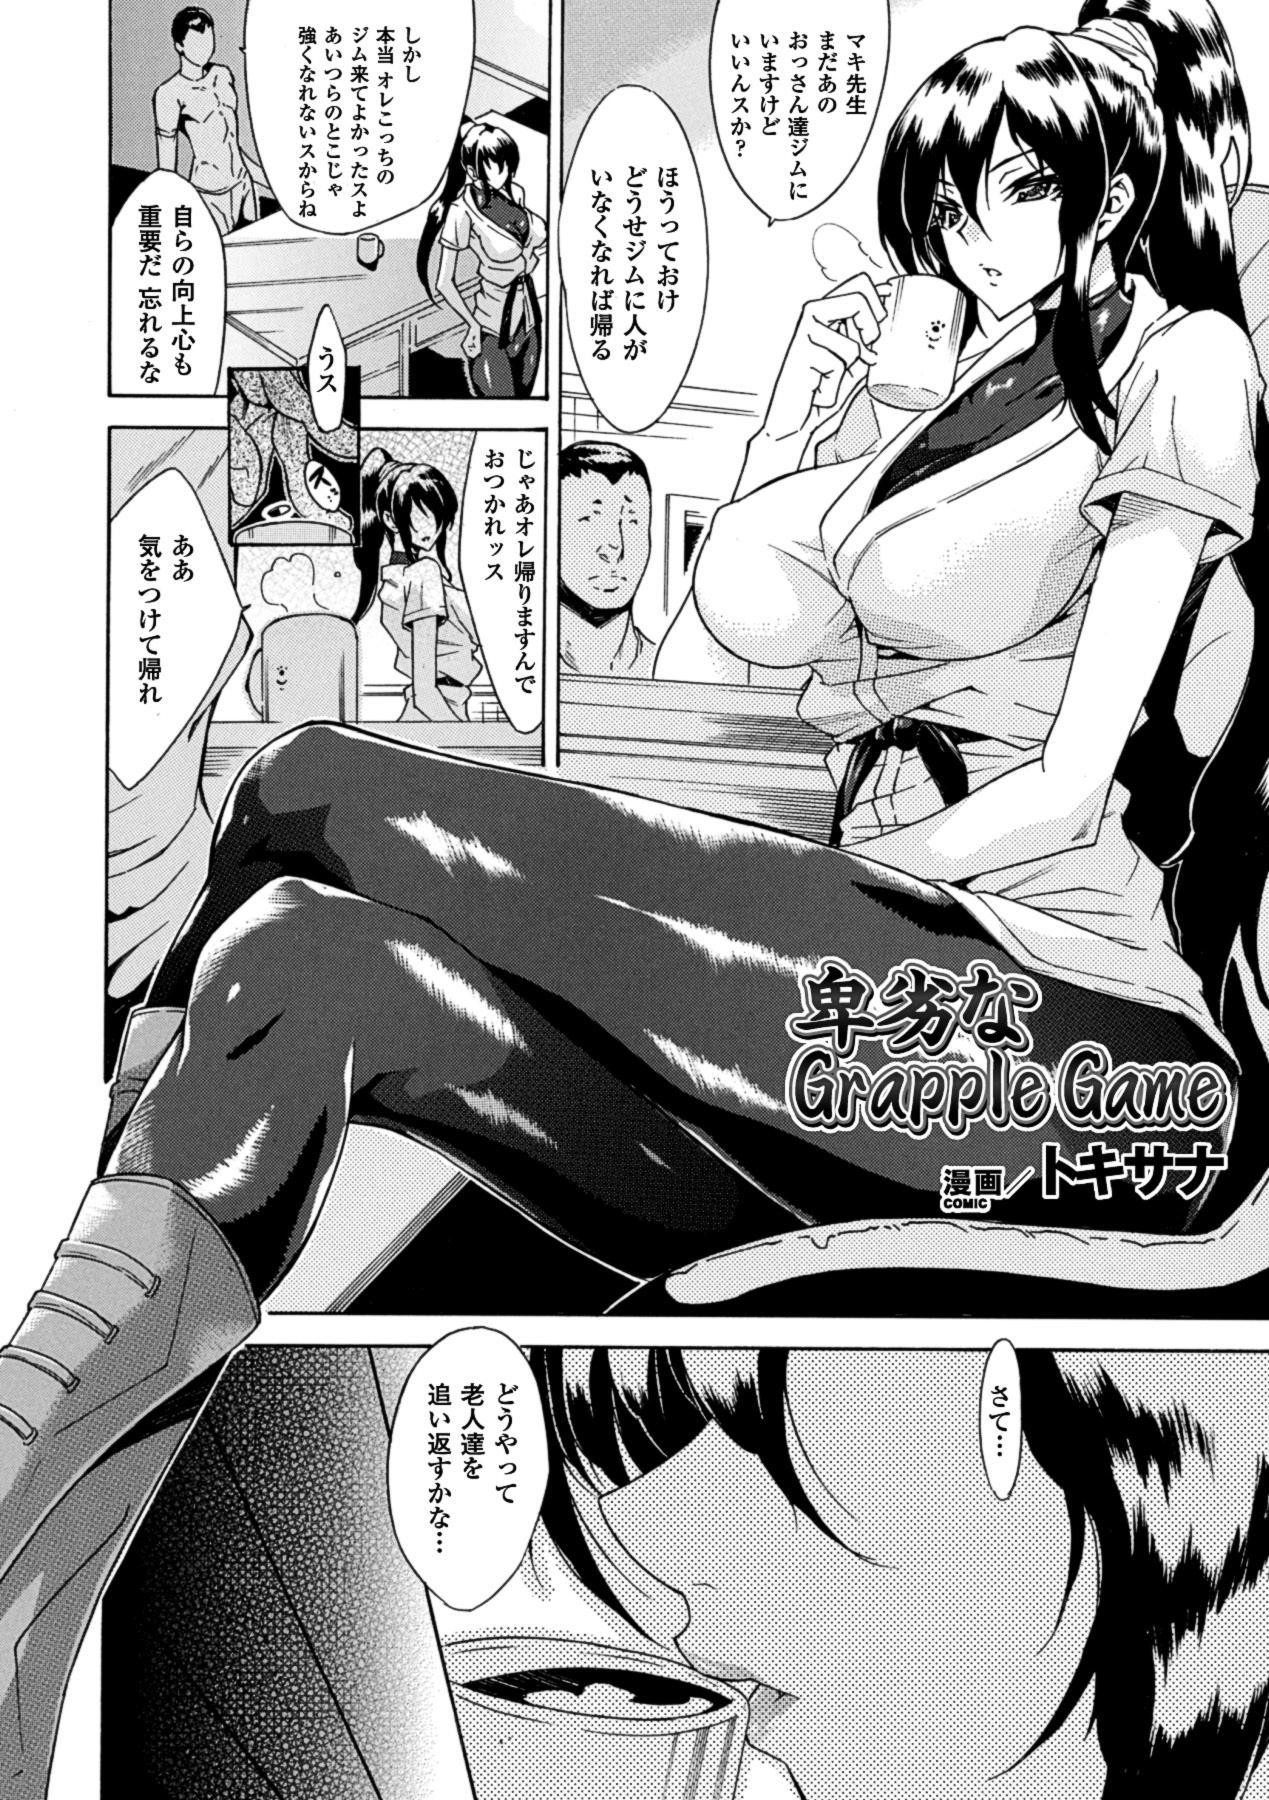 Suiminkan Ecstasy Kanojo ga Neteru Aida ni vol.1 23